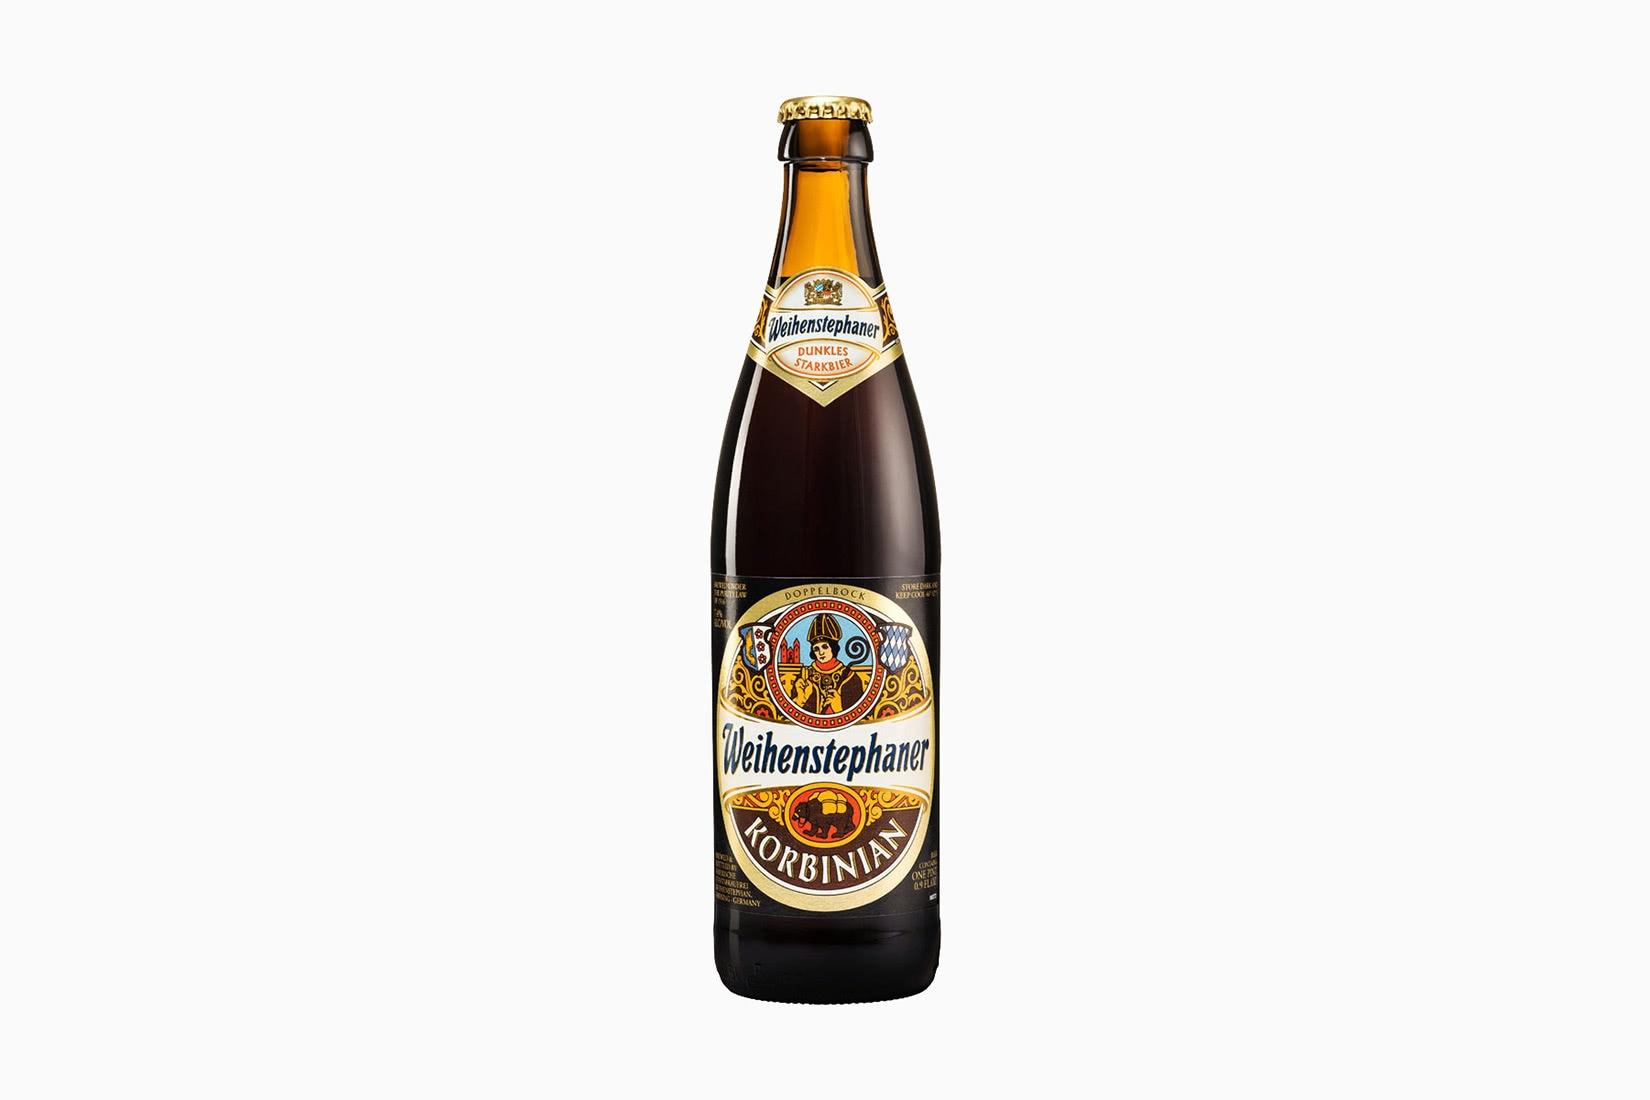 best beer brands weihenstephaner korbinian- Luxe Digital